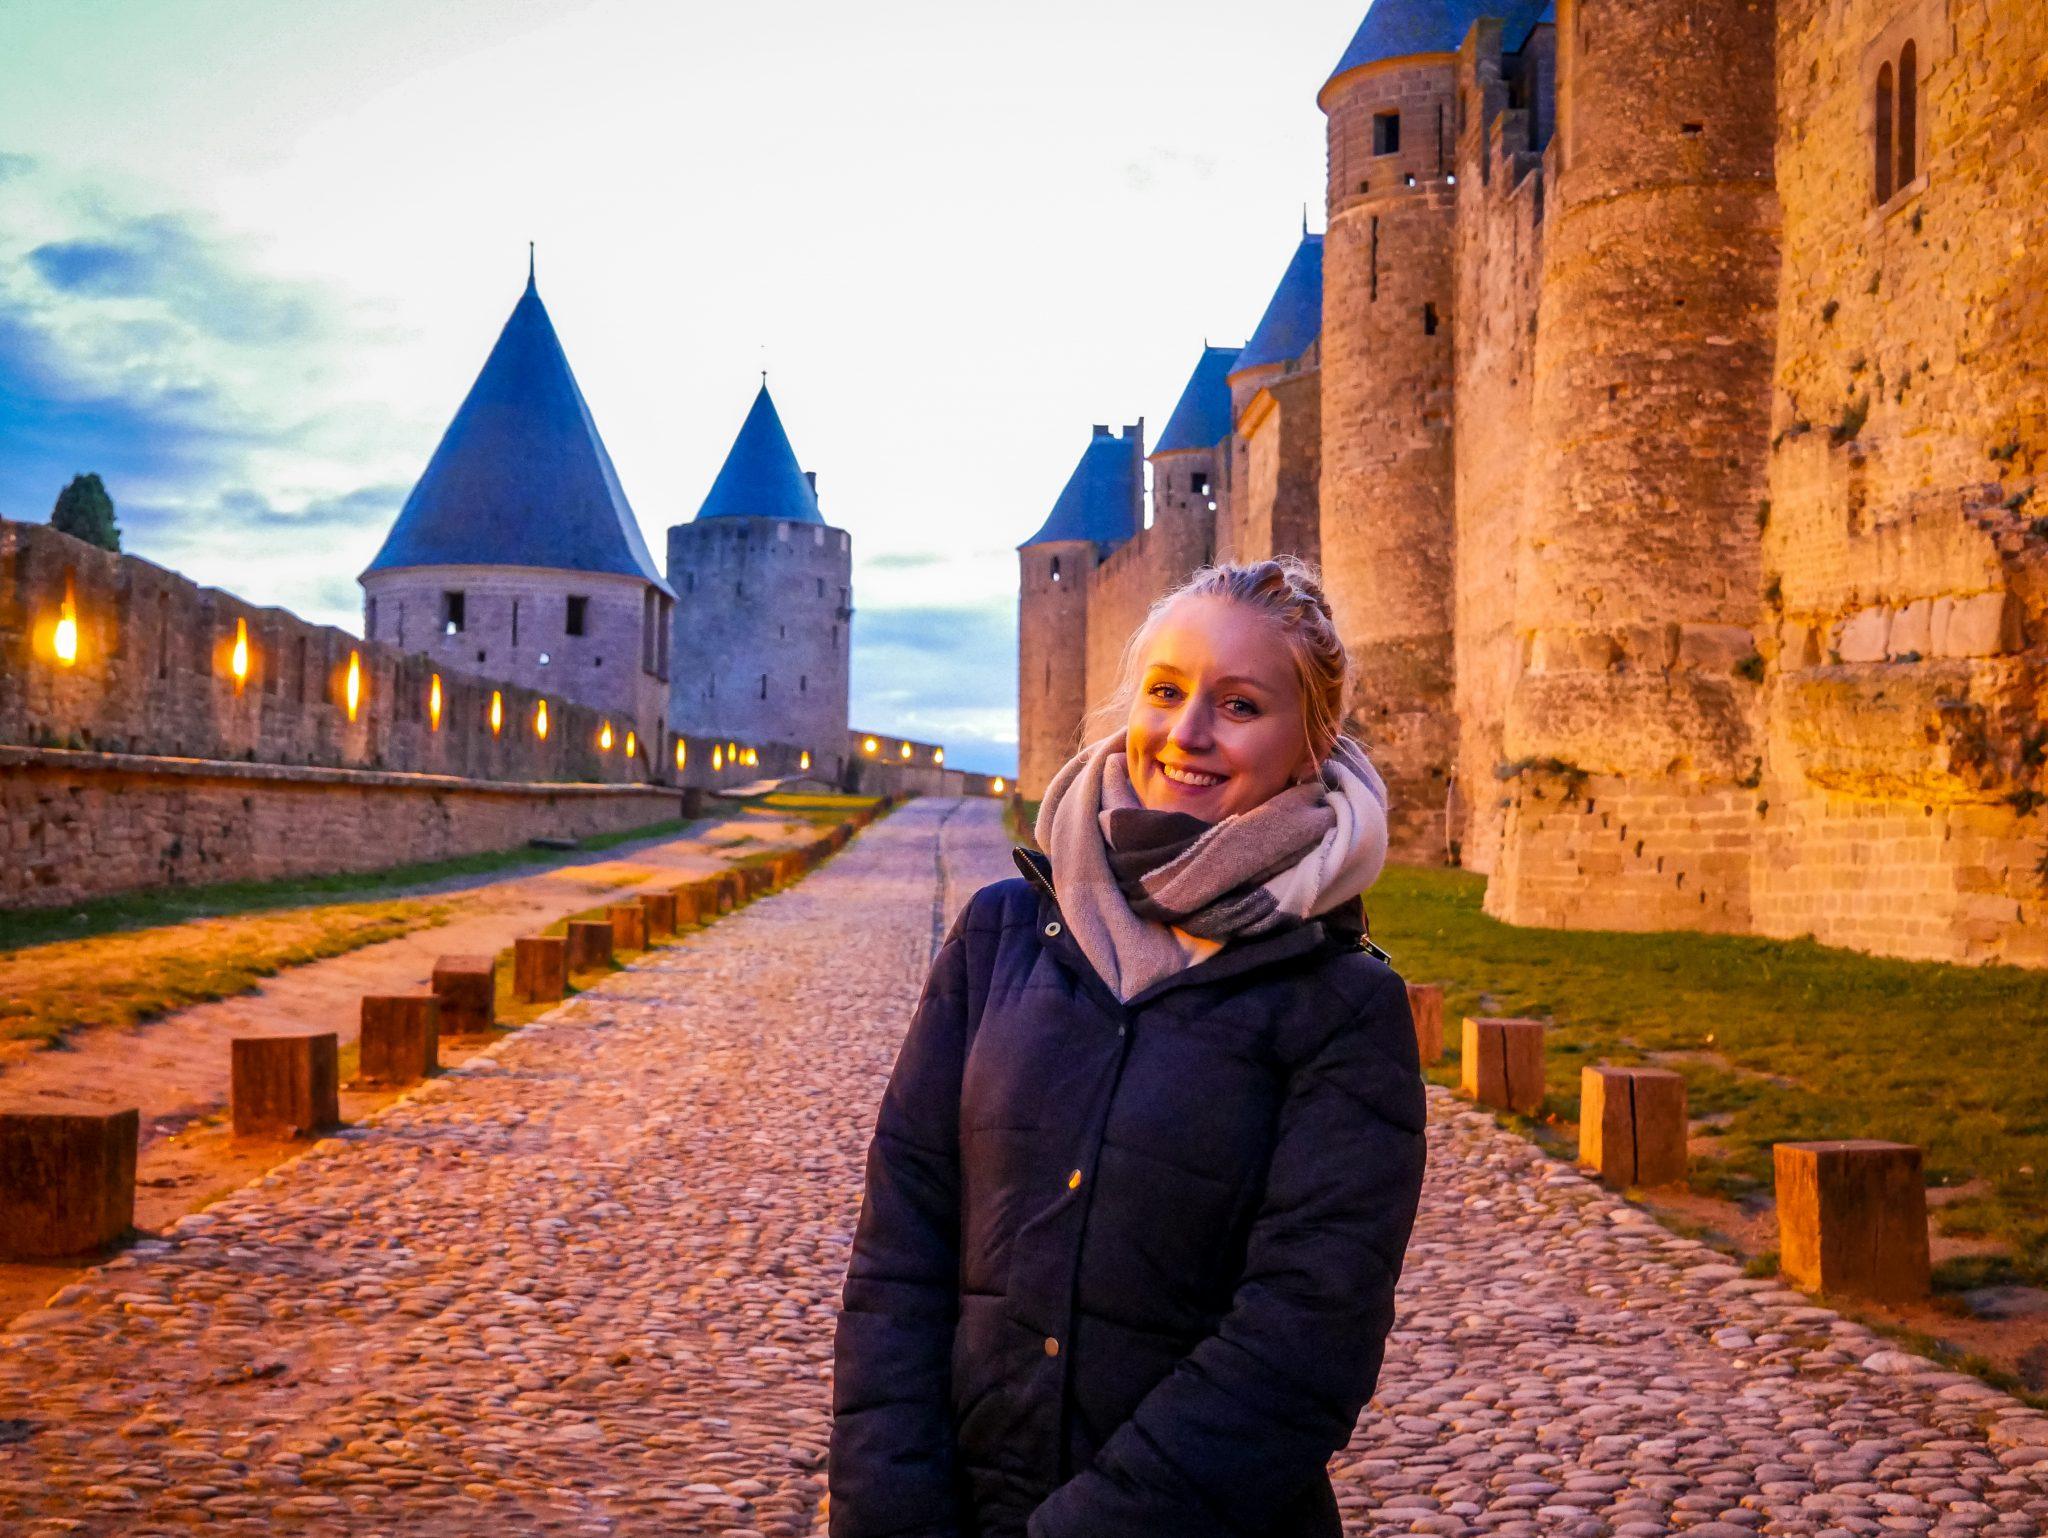 Besonders während der Dämmerung hat die Festung Carcassonne etwas sehr romantisches.